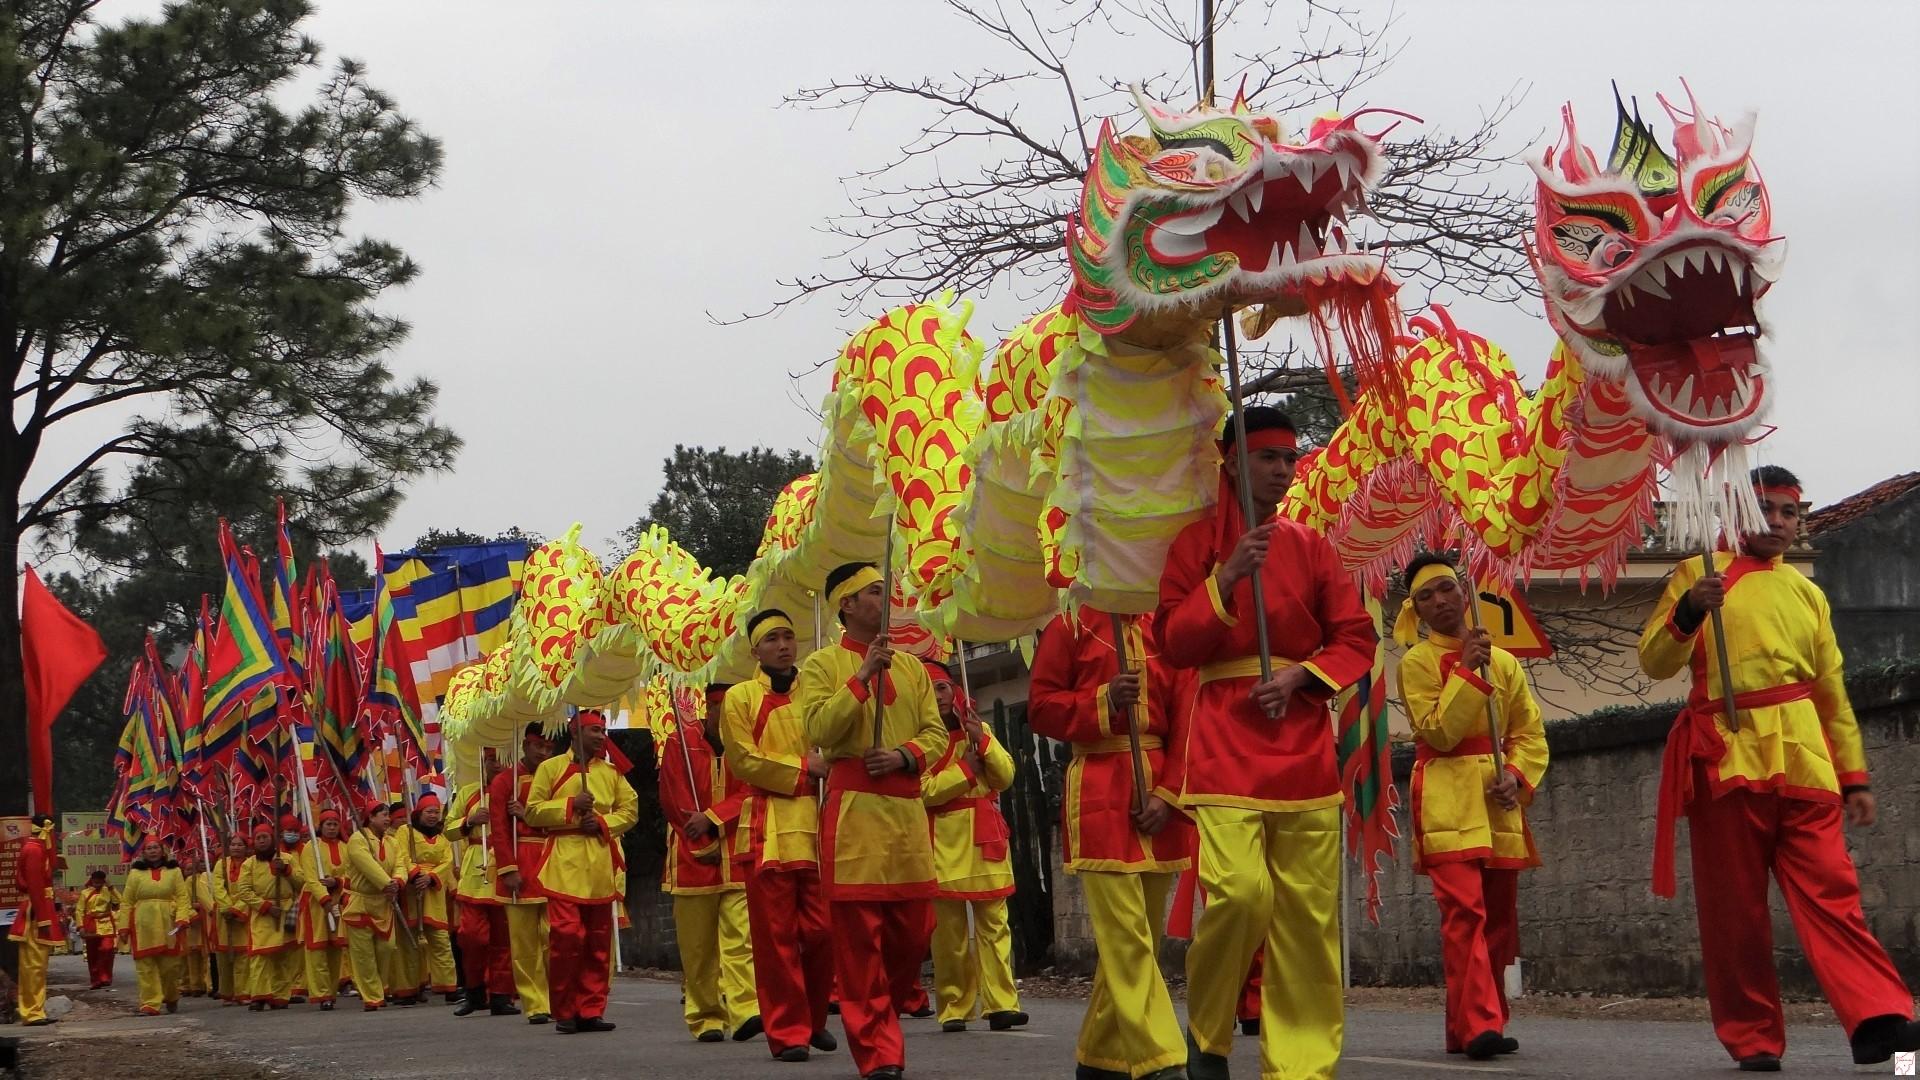 ễ rước nước trong khuôn khổ Lễ hội mùa xuân Côn Sơn – Kiếp Bạc.